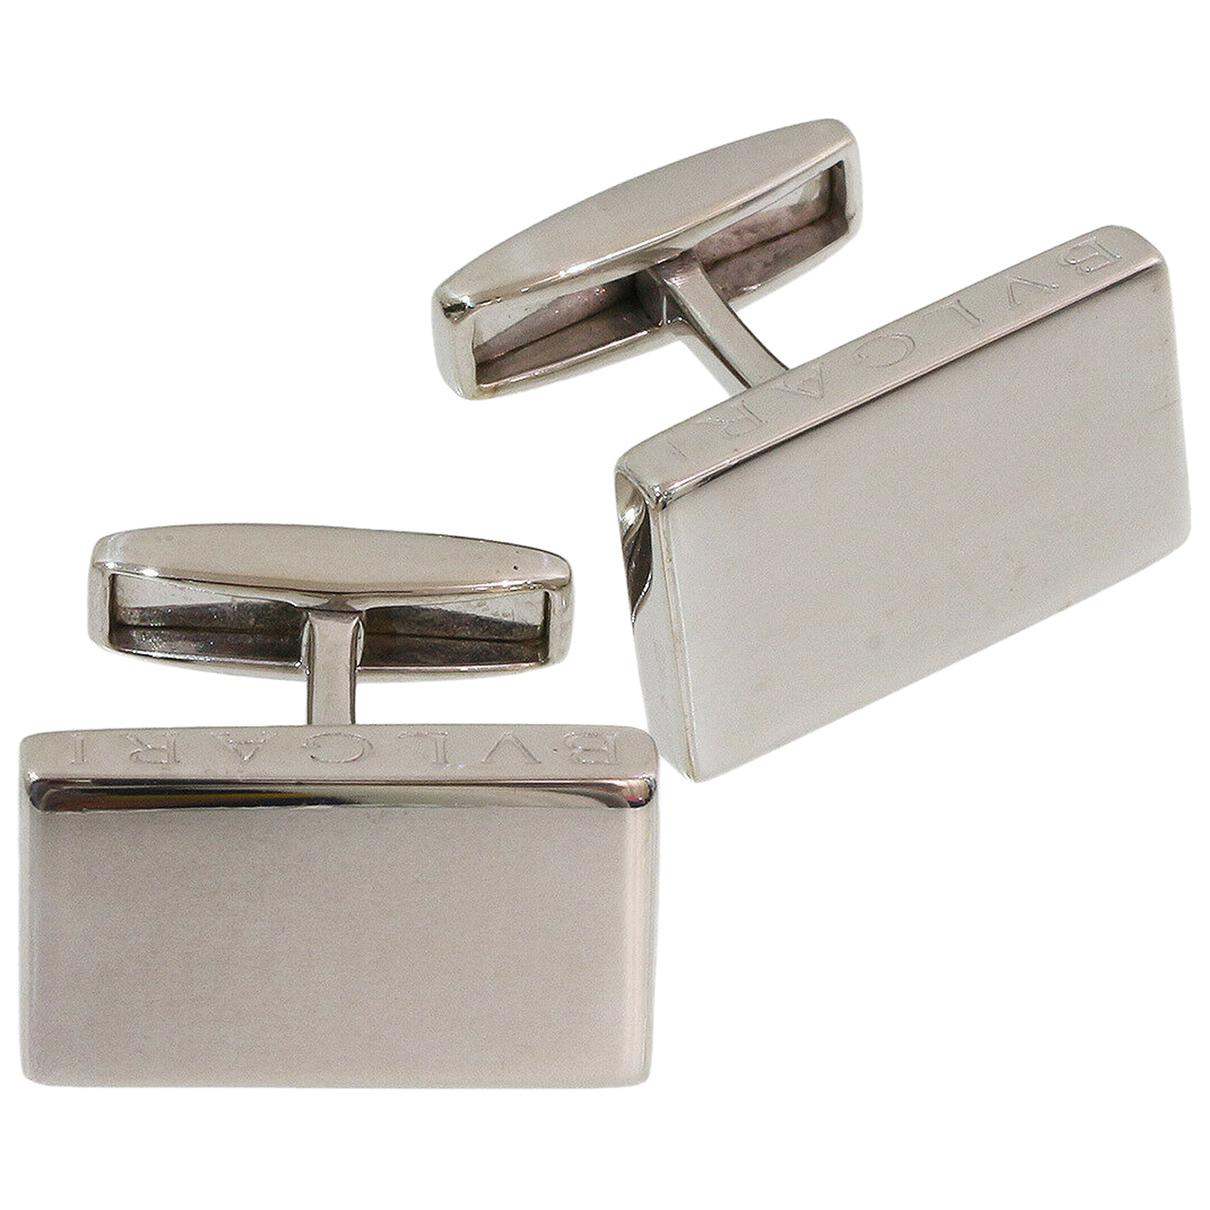 Bvlgari \N Manschettenknopfe in Silber